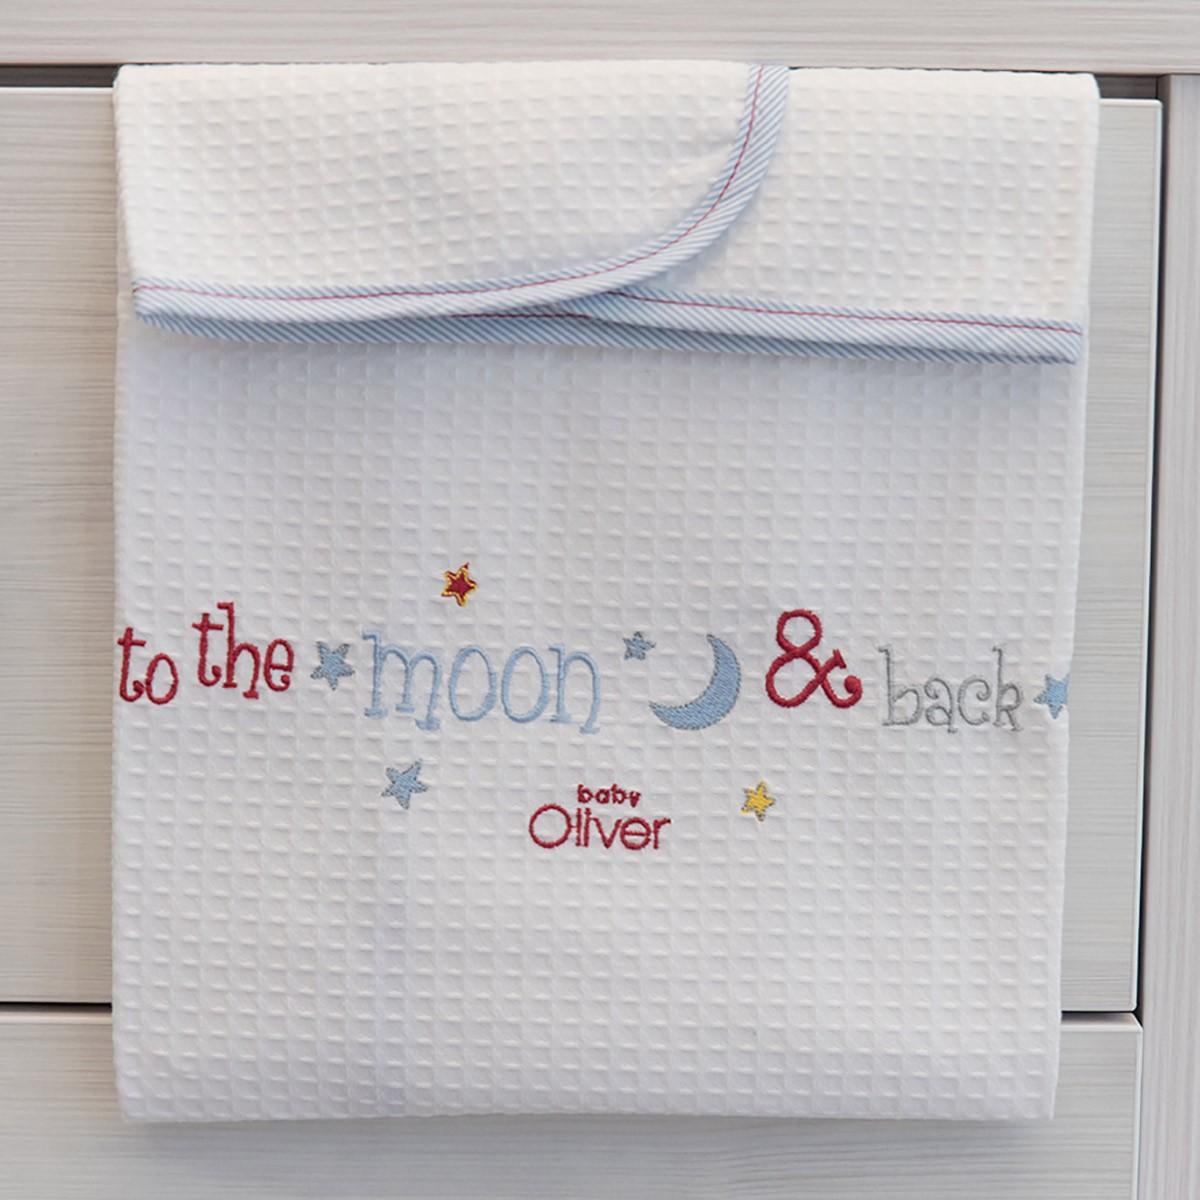 Κουβέρτα Πικέ Αγκαλιάς Baby Oliver The Moon & Back 306 home   βρεφικά   κουβέρτες βρεφικές   κουβέρτες καλοκαιρινές